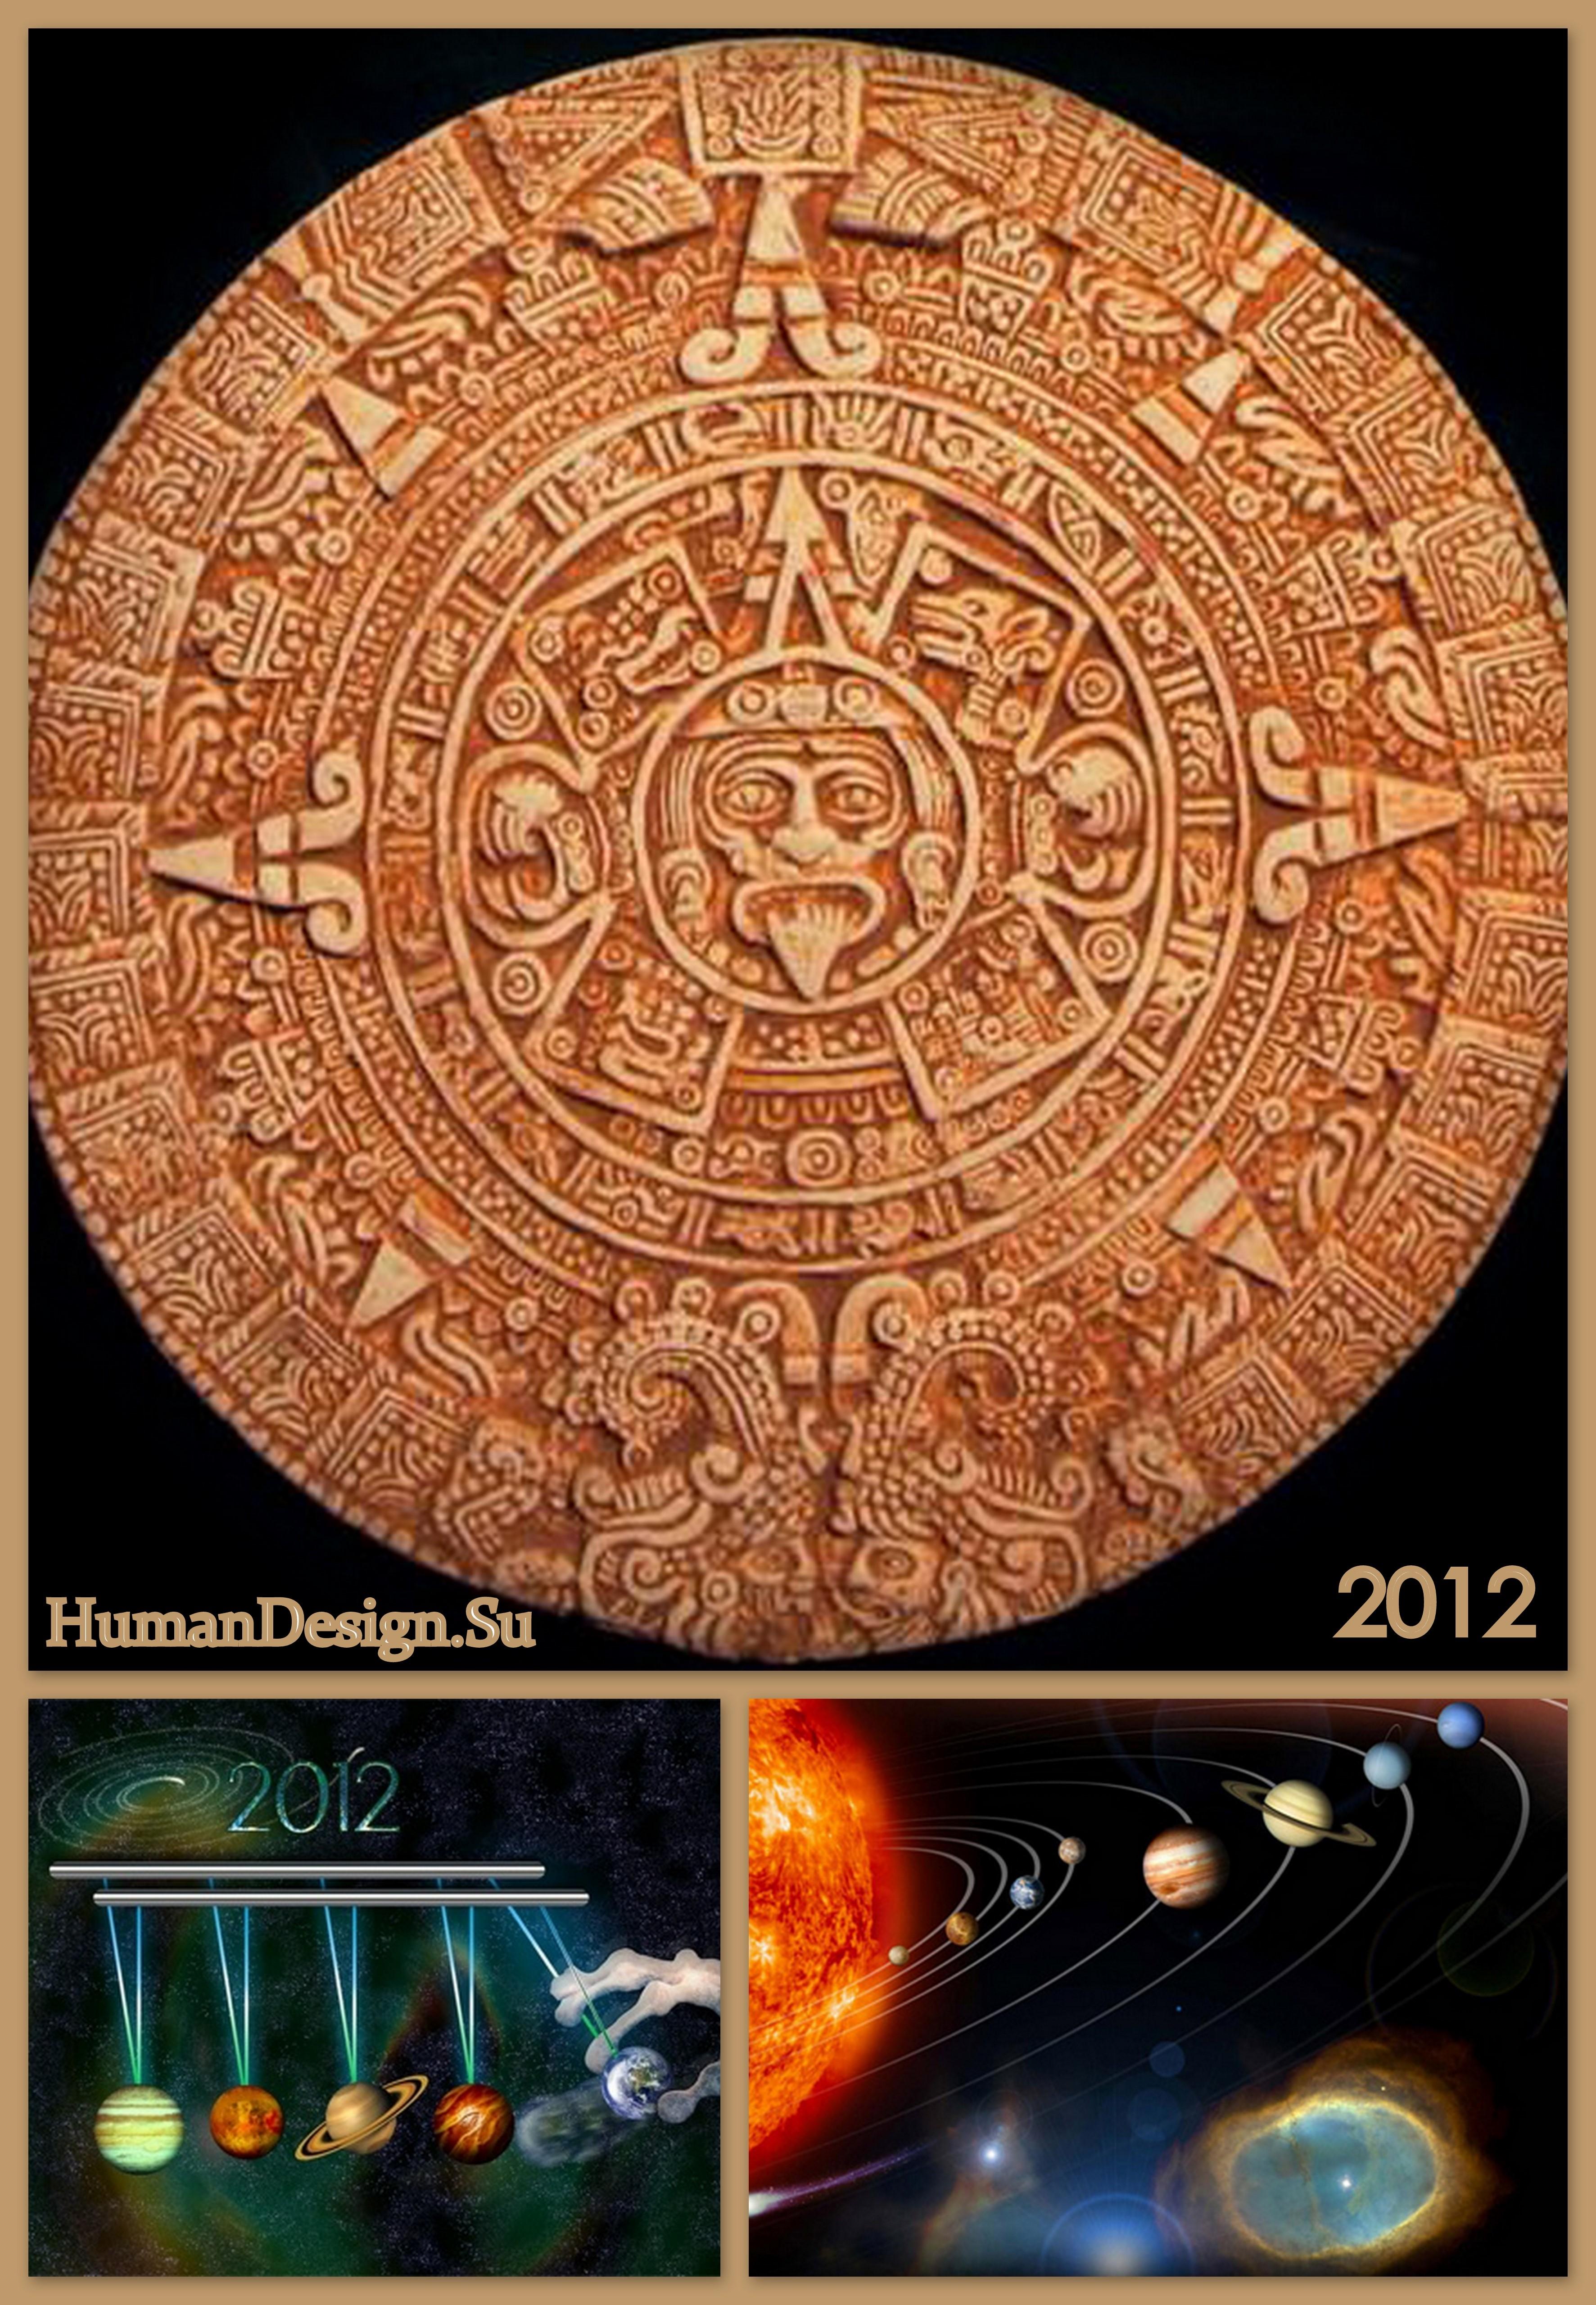 Феномен 2012 года с точки зрения основателя и первого студента Дизайна Человека Ра Уру Ху